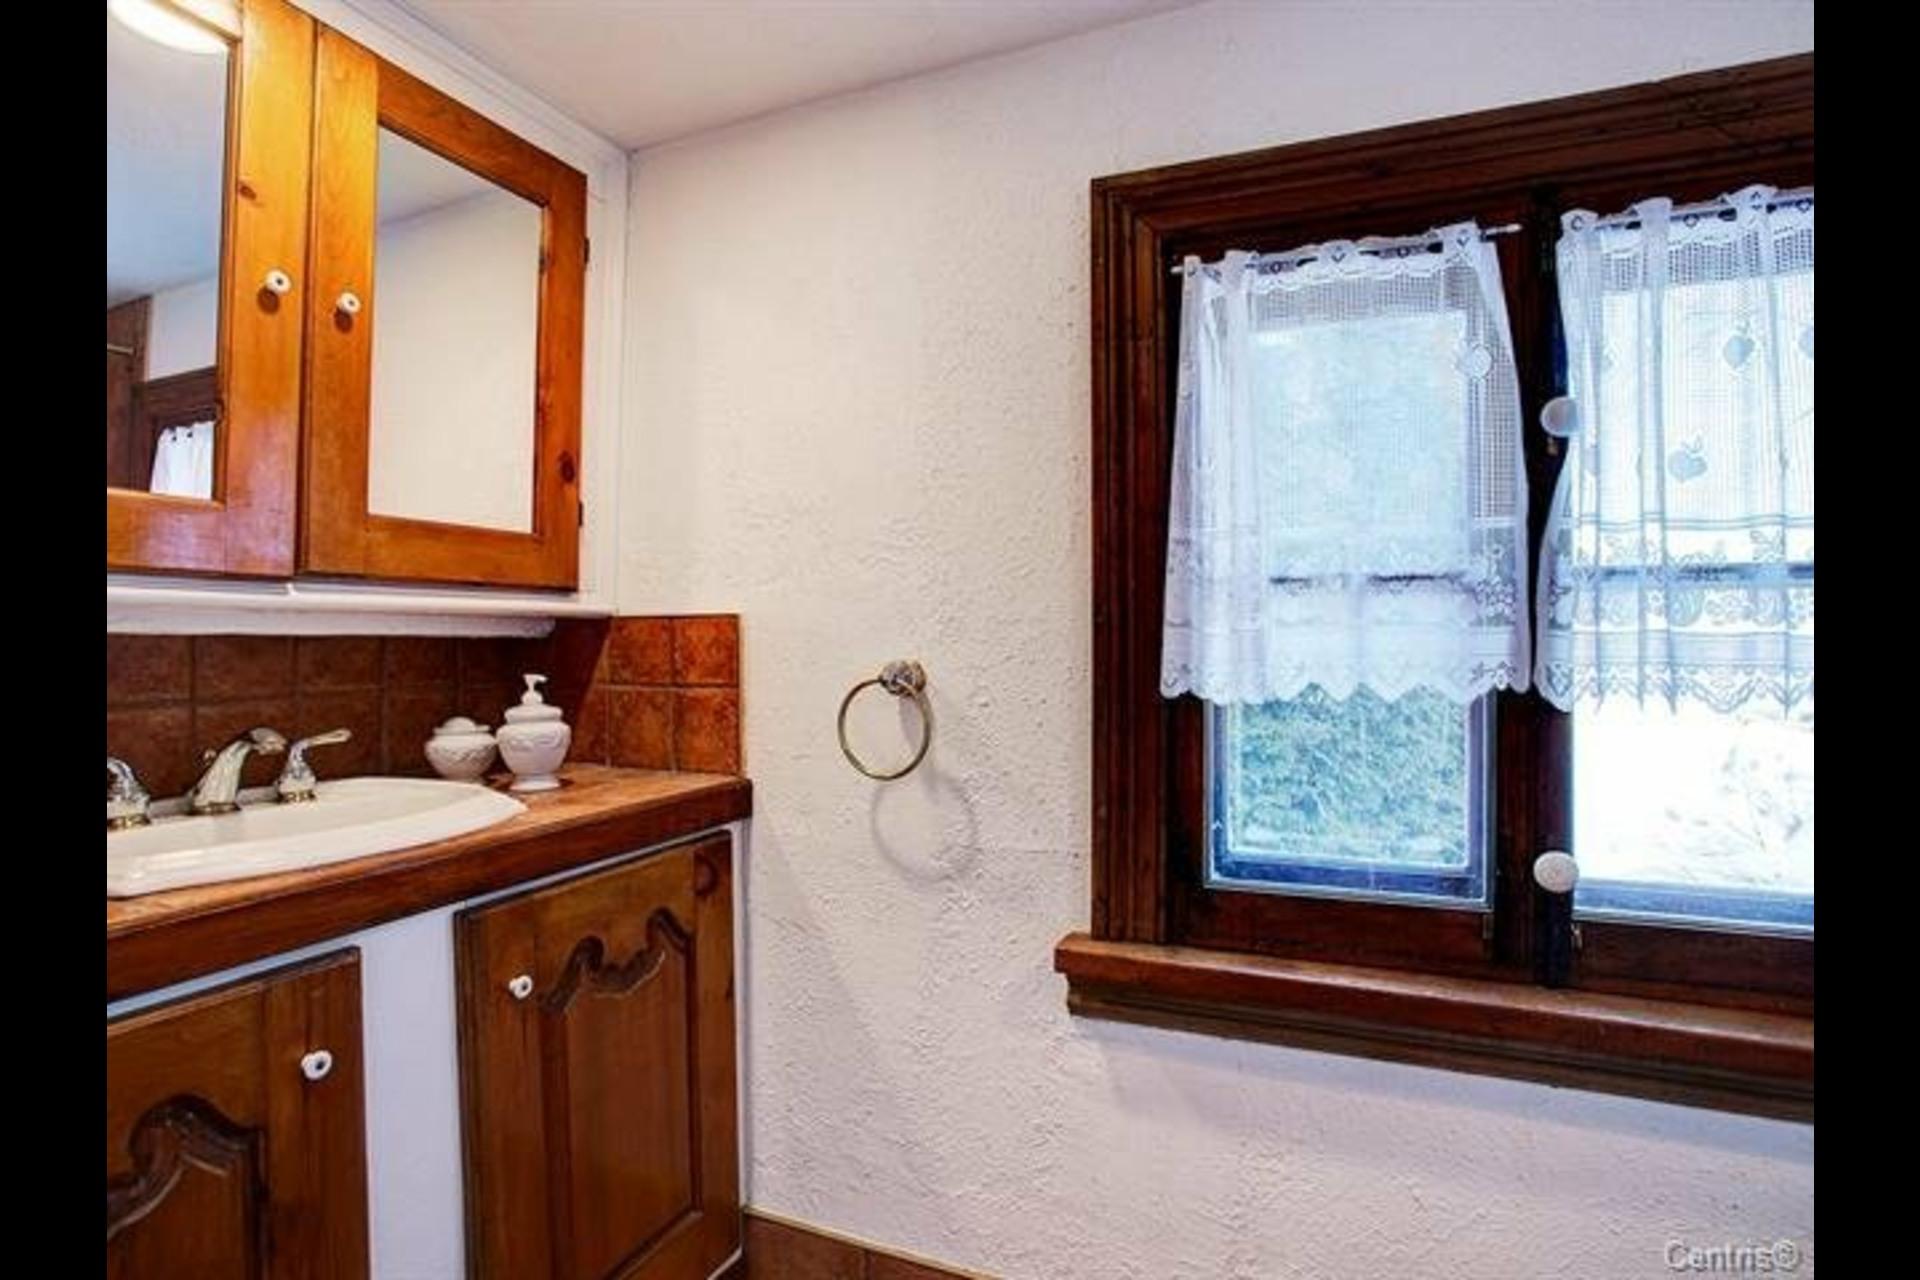 image 8 - MX - Casa sola - MX En venta Vaudreuil-Dorion - 12 habitaciones